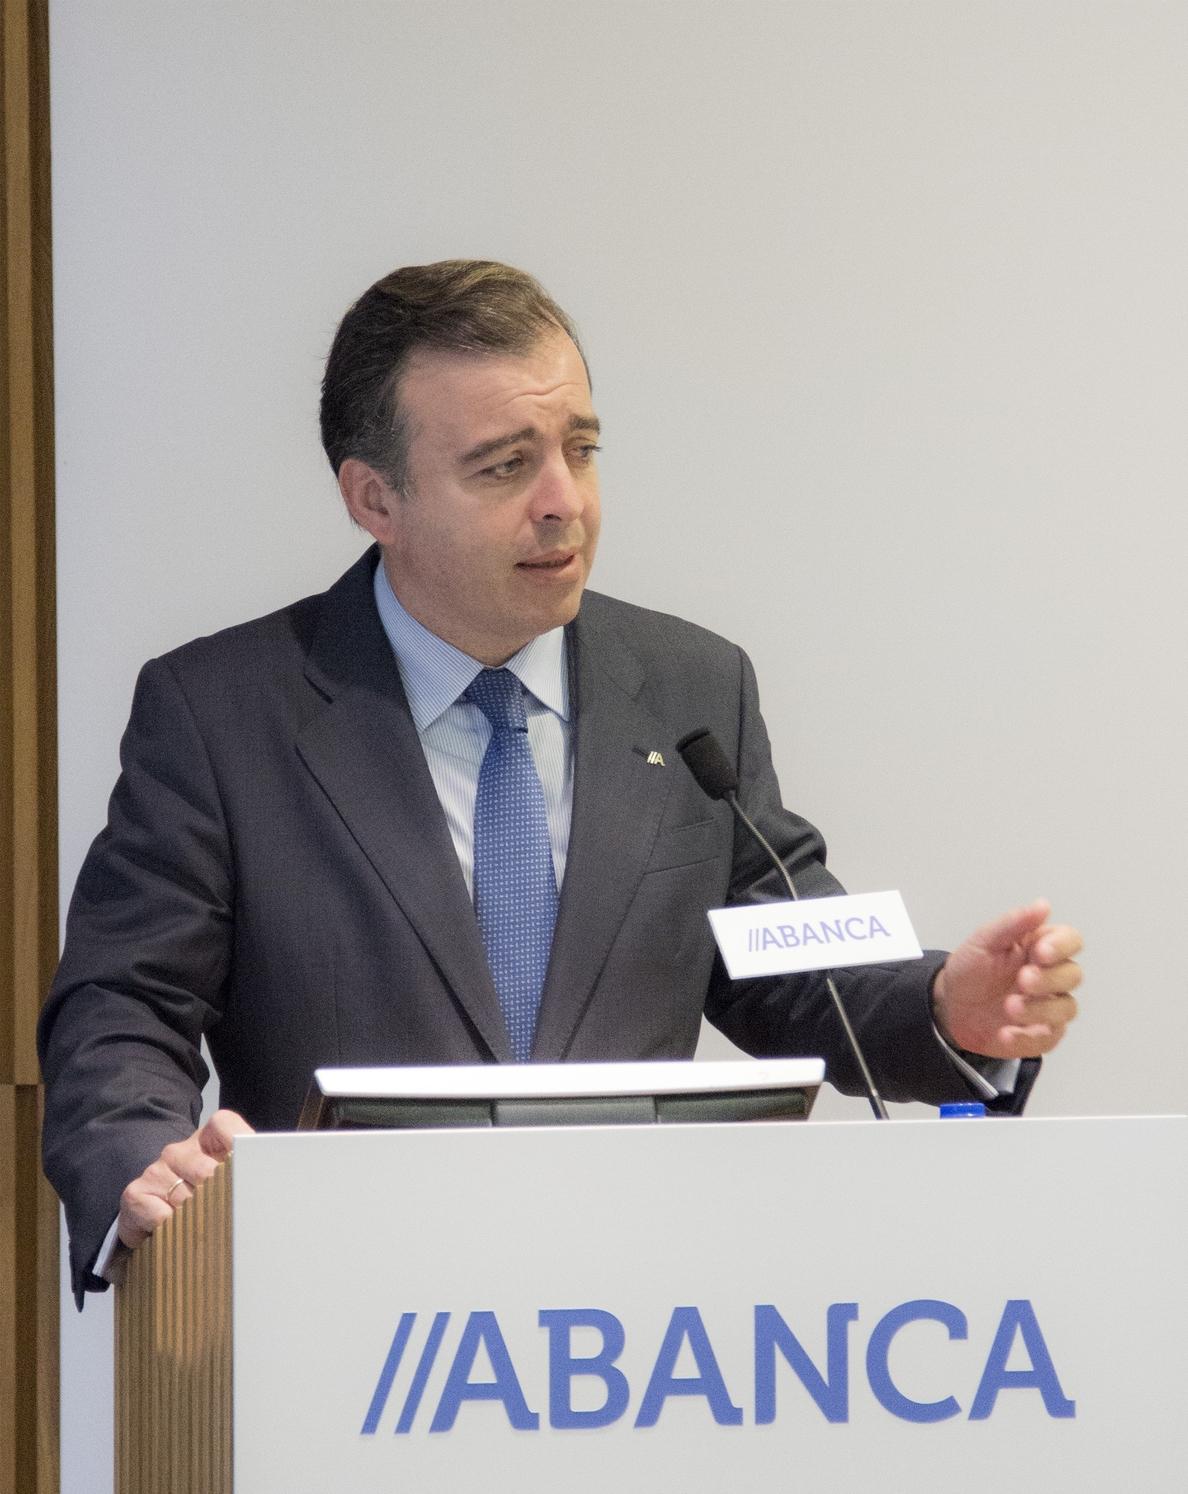 Abanca logra un beneficio de 244 millones antes de impuestos el primer semestre, y no prevé adelantar pagos al FROB